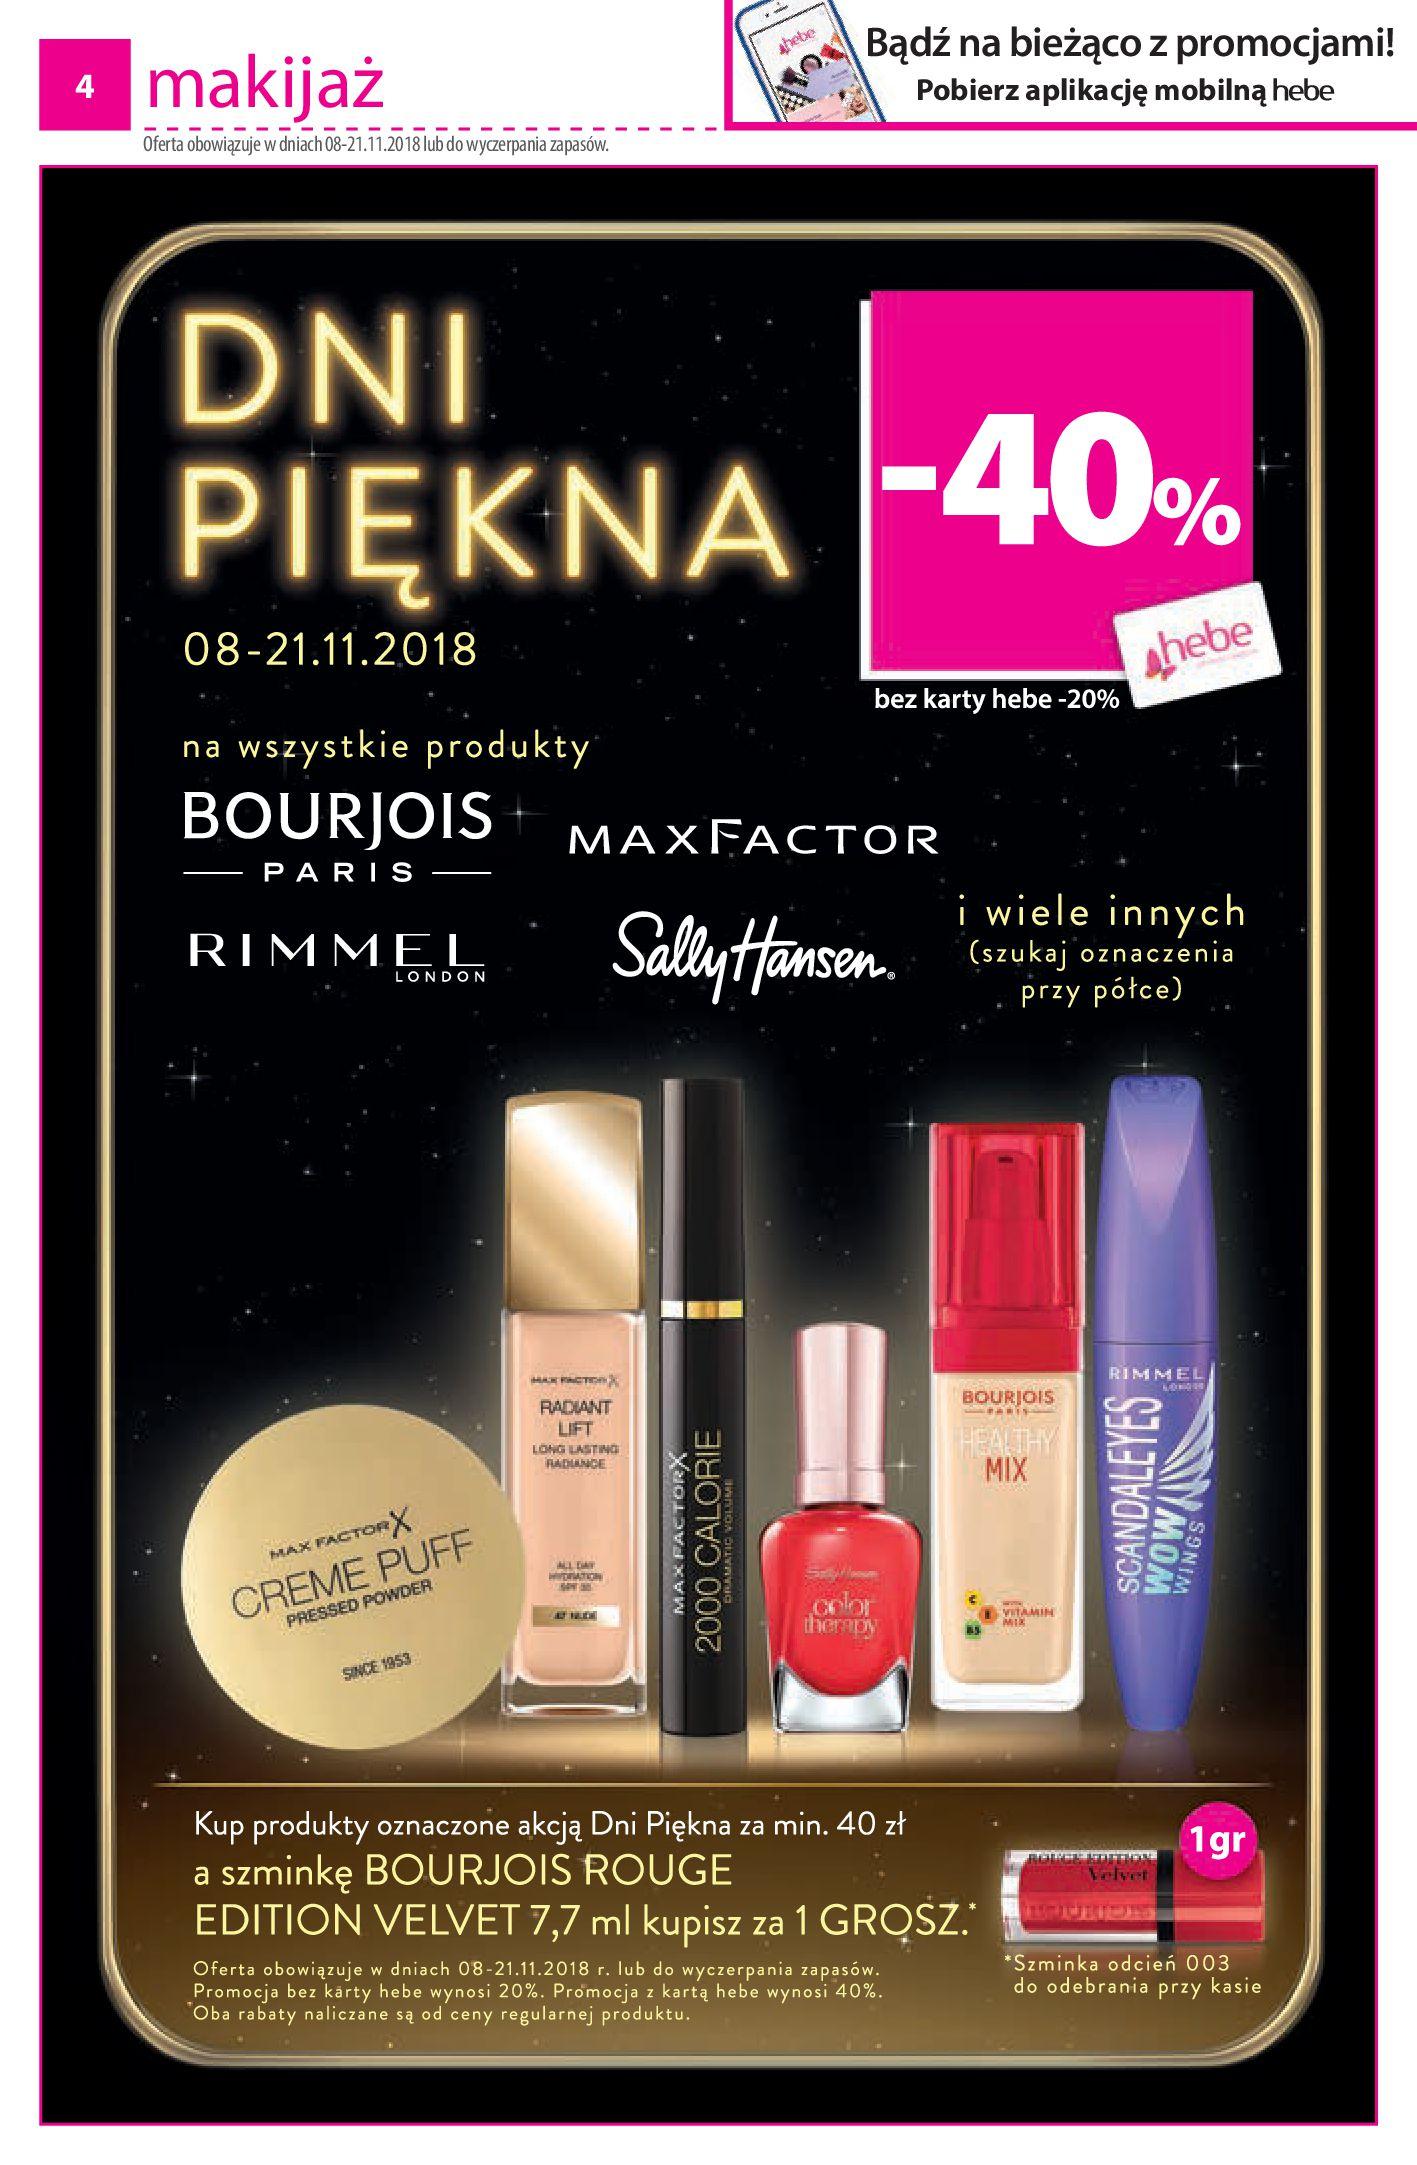 Gazetka hebe - Oferta na kosmetyki-06.11.2018-17.11.2018-page-